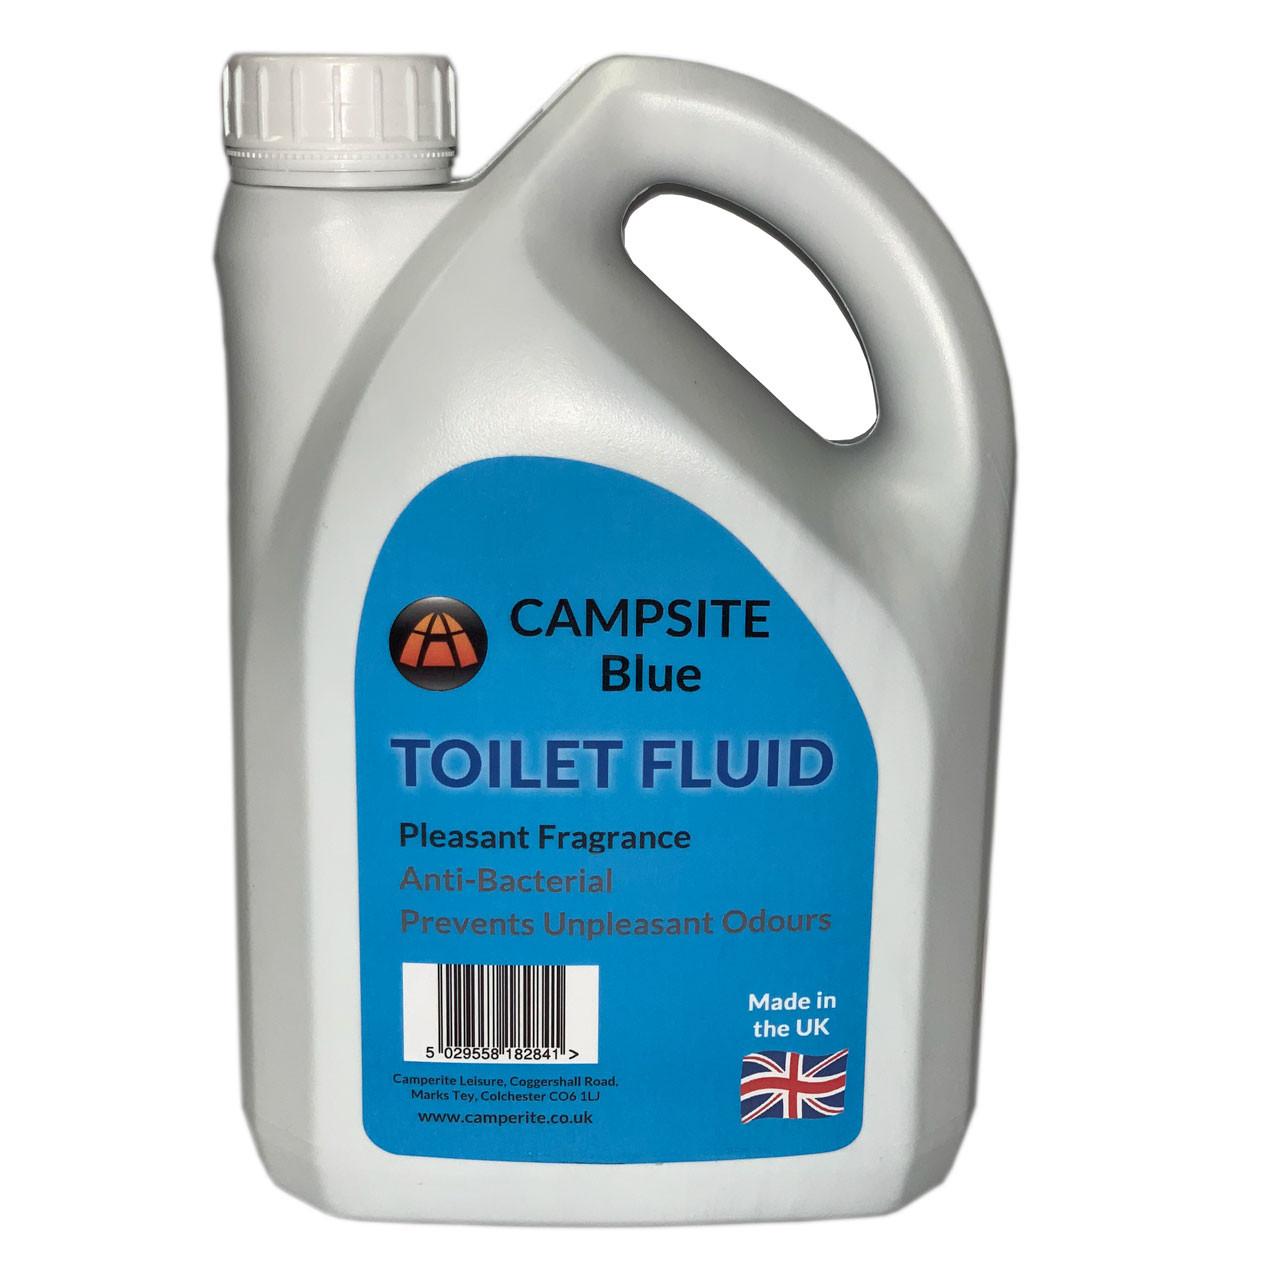 Campsite Blue Toilet Fluid 2 litre